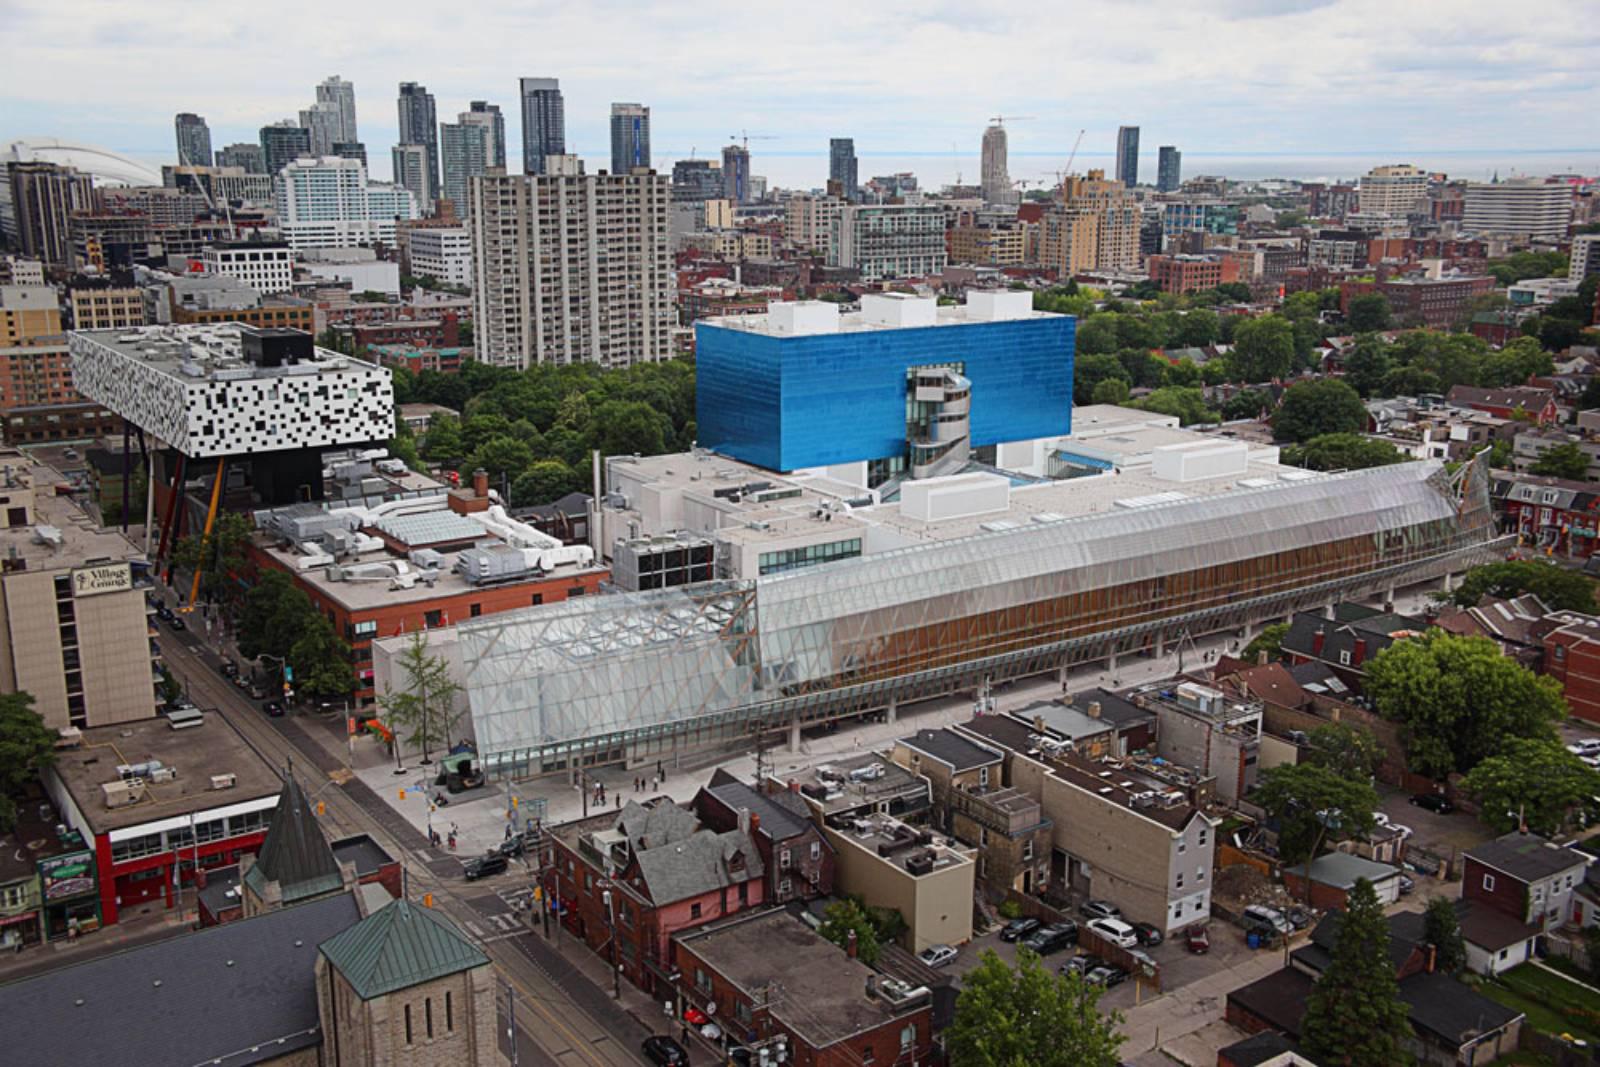 Galería De Arte De Ontario En Toronto: ART GALLERY OF ONTARIO BY FRANK GEHRY